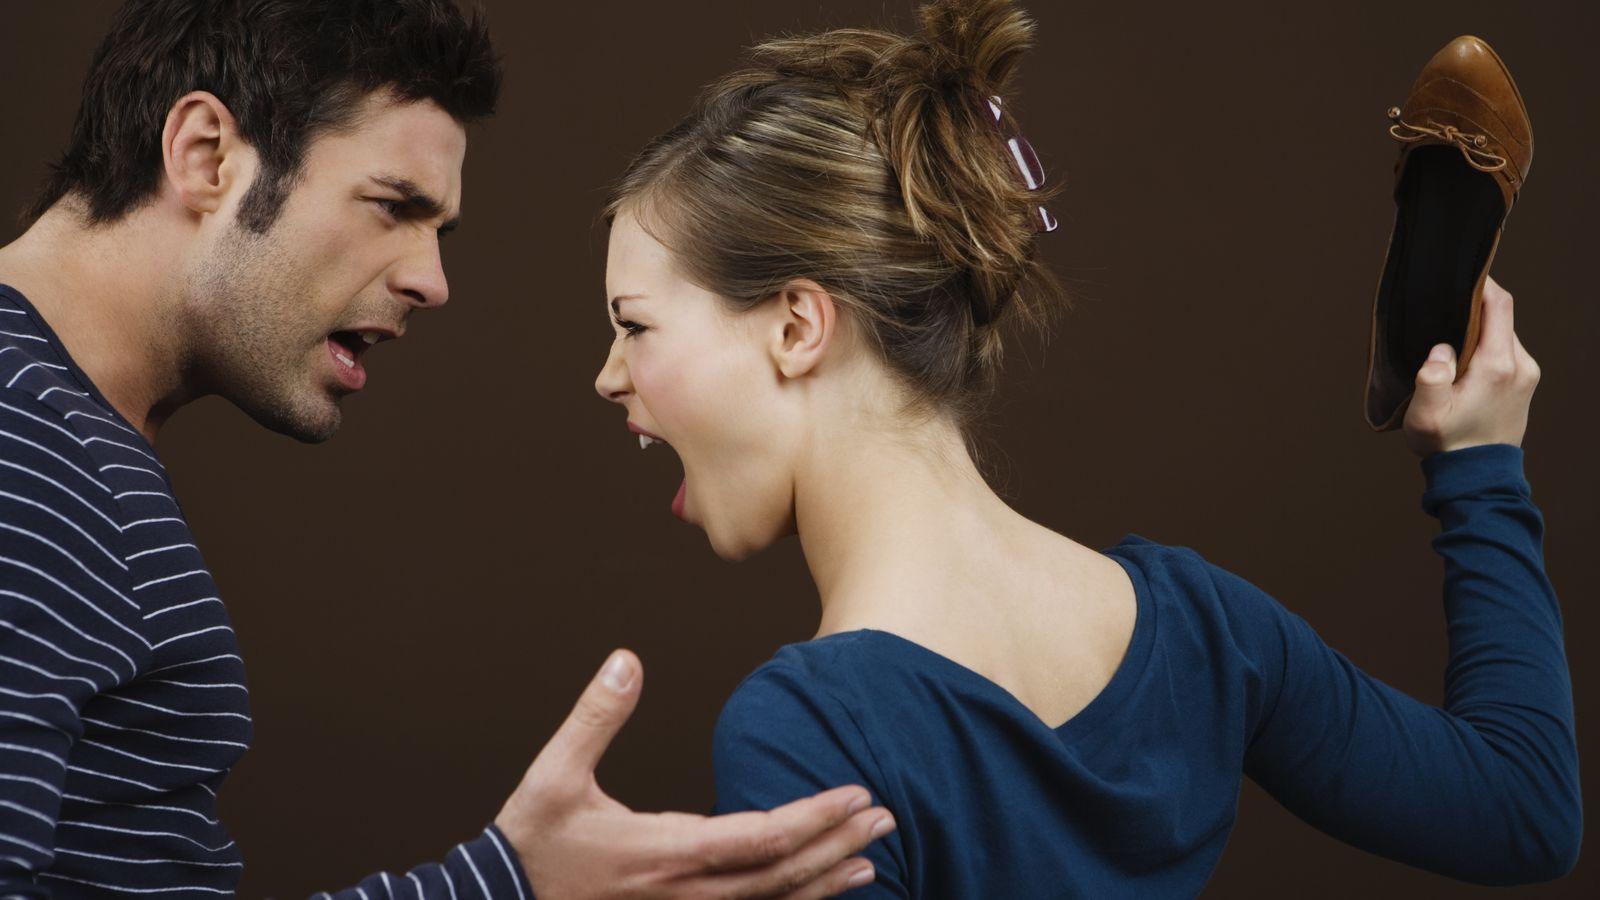 Foto: Cuando discutimos estamos tan furiosos que no somos capaces de detener lo que sale de nuestra boca, pero hay que aprender a controlarse. (Corbis)